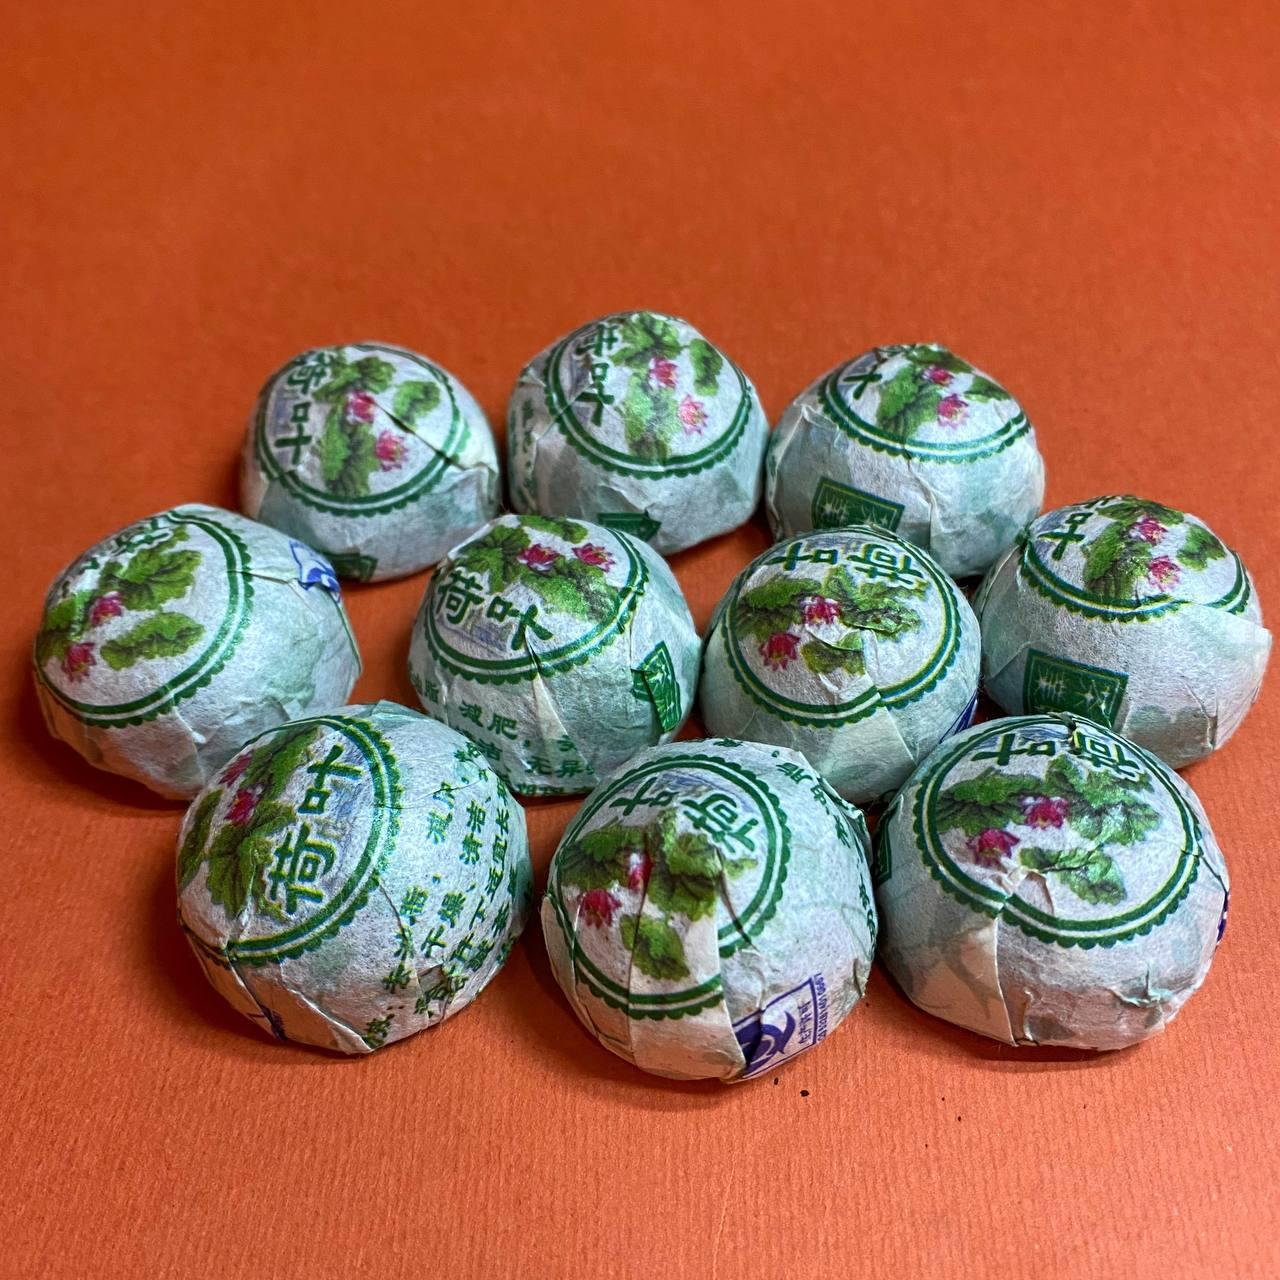 Шу пуэр с хризантемой мини точа 5 грамм 10 шт